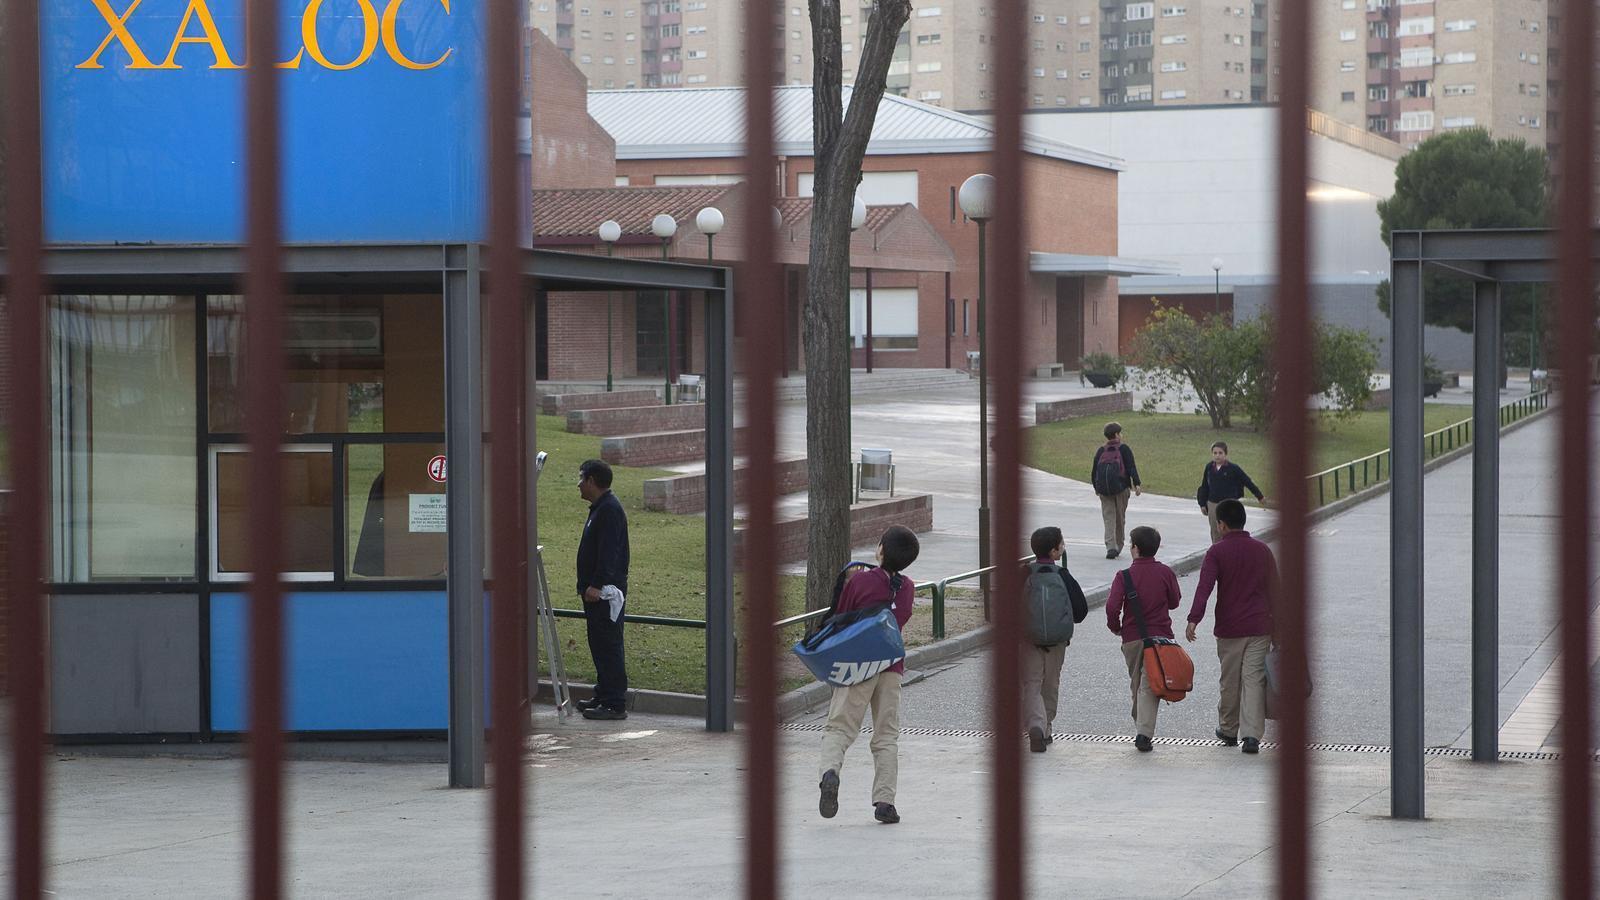 L'entrada de l'escola Xaloc, el centre per a nens vinculat a l'Opus Dei de l'Hospitalet.